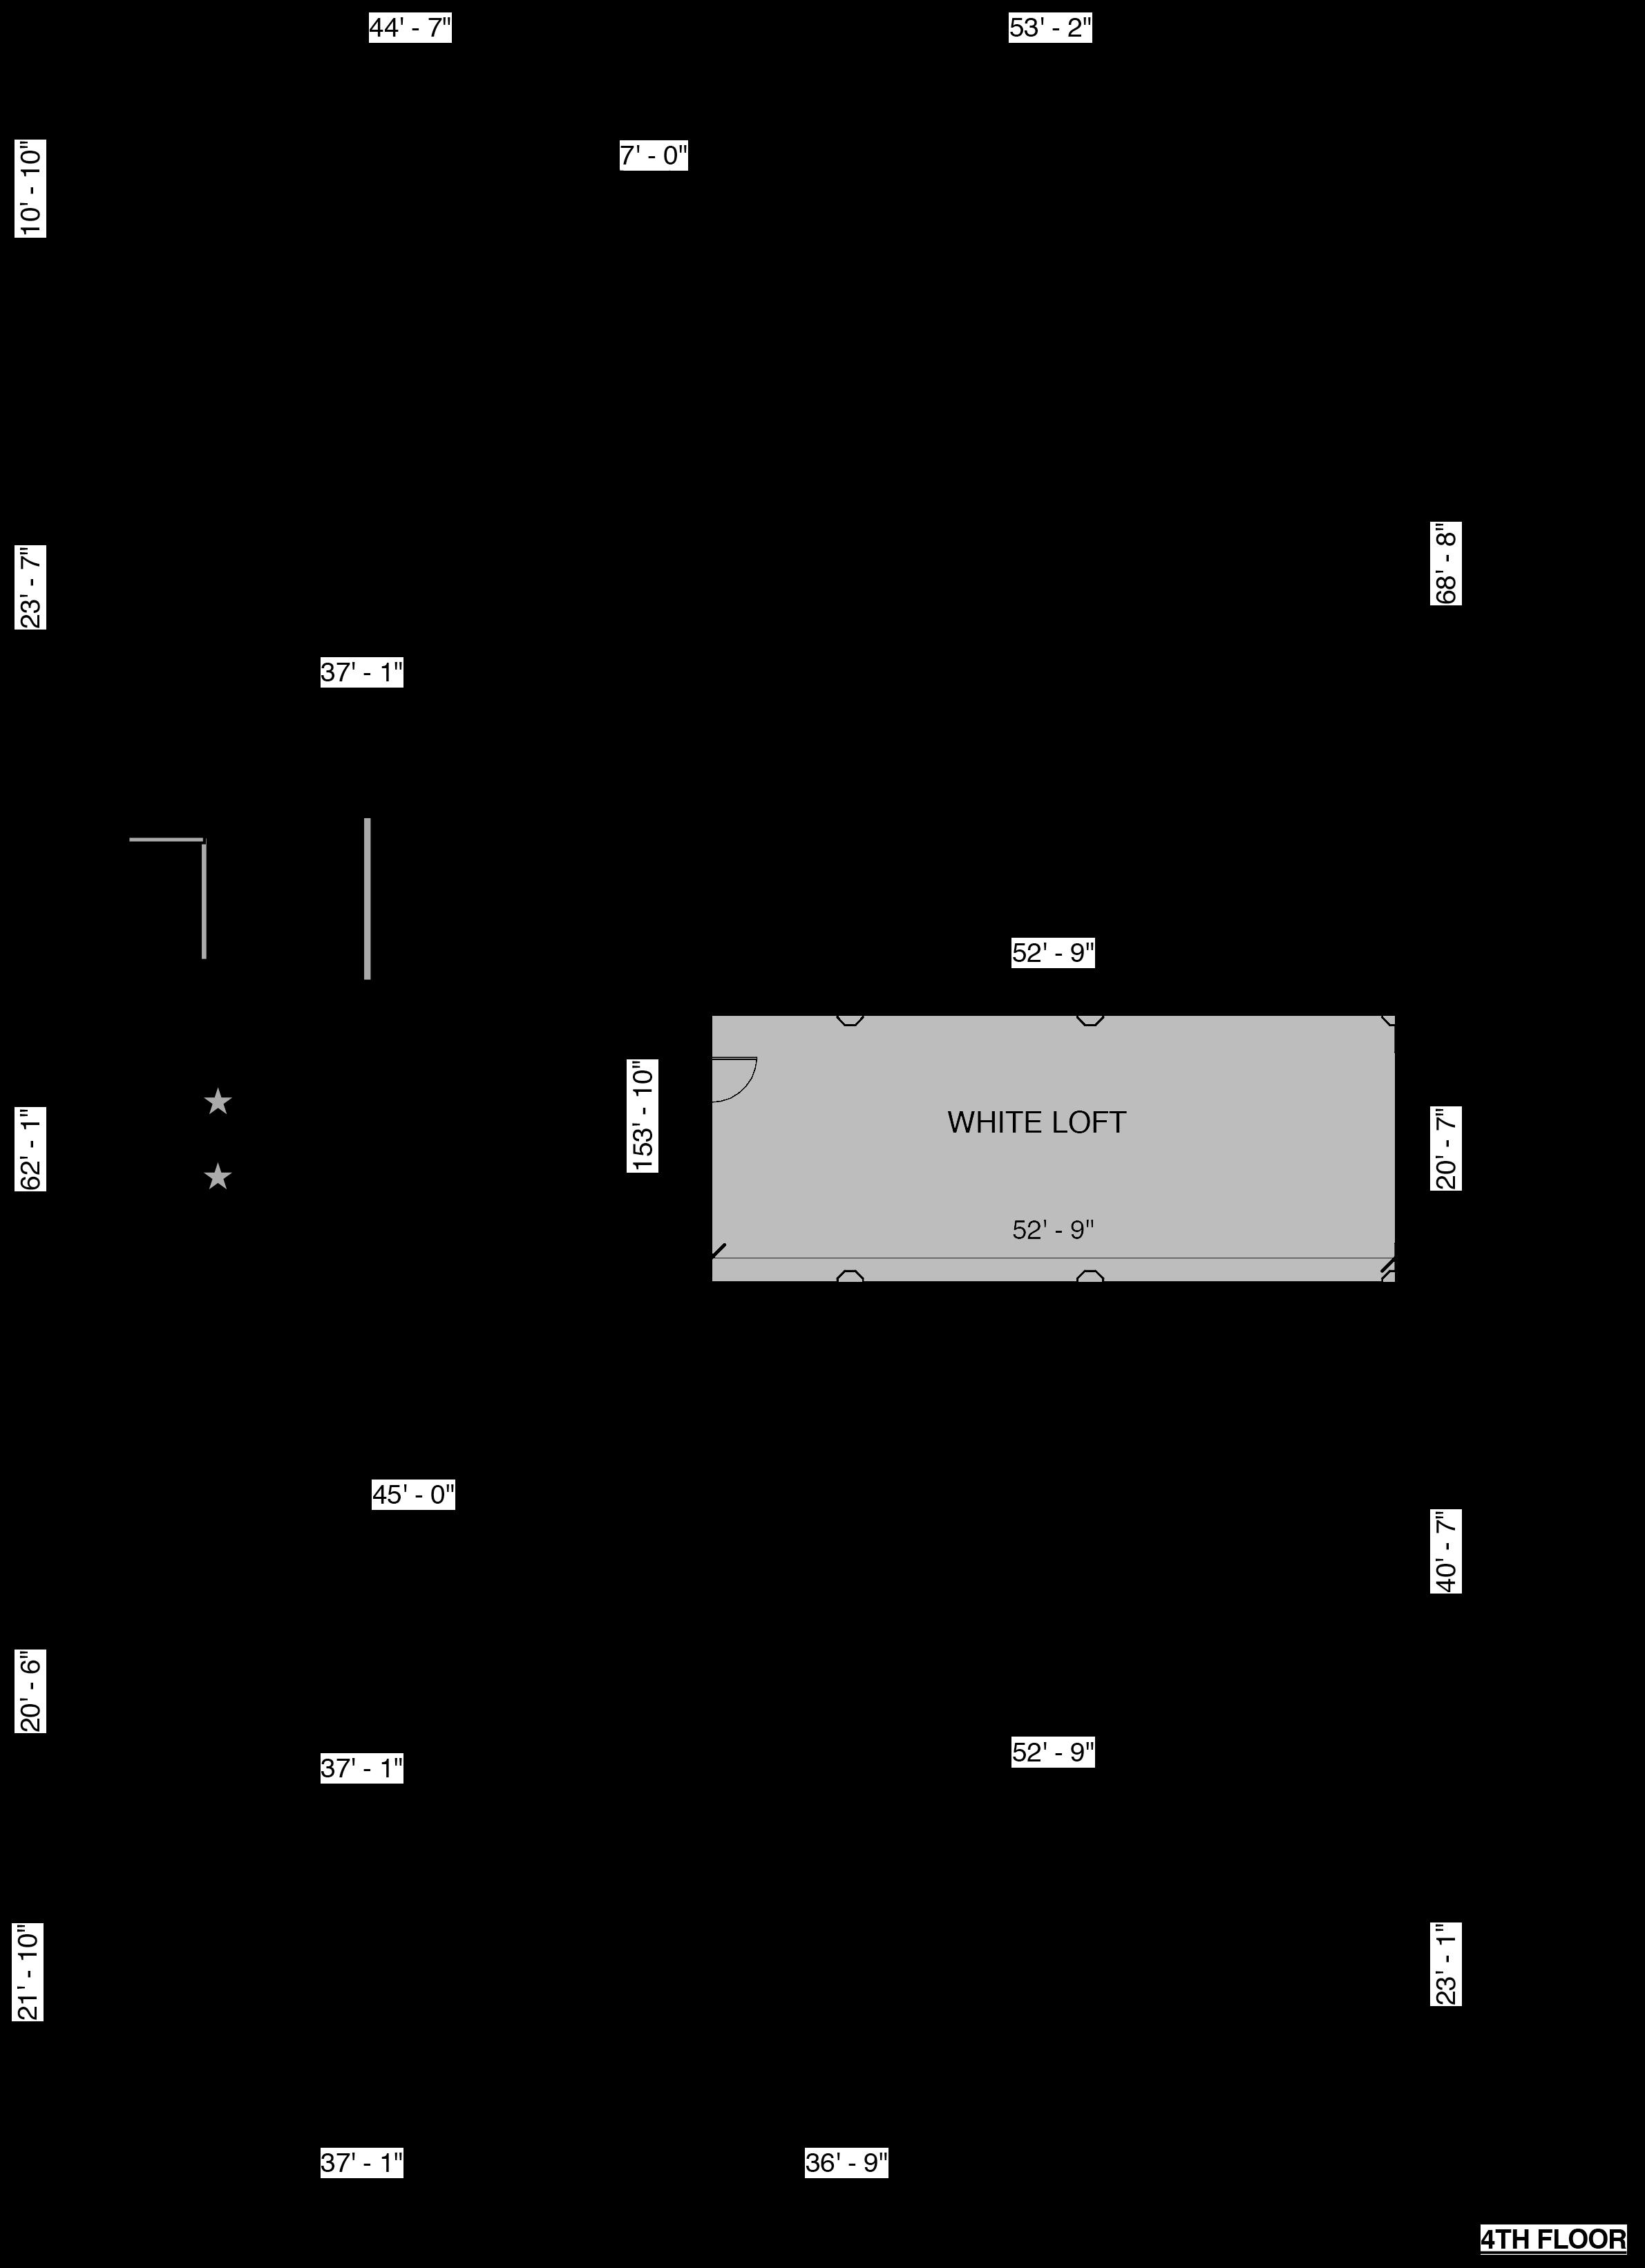 4thFloor_Schematic_HL-shelving copyWL.png